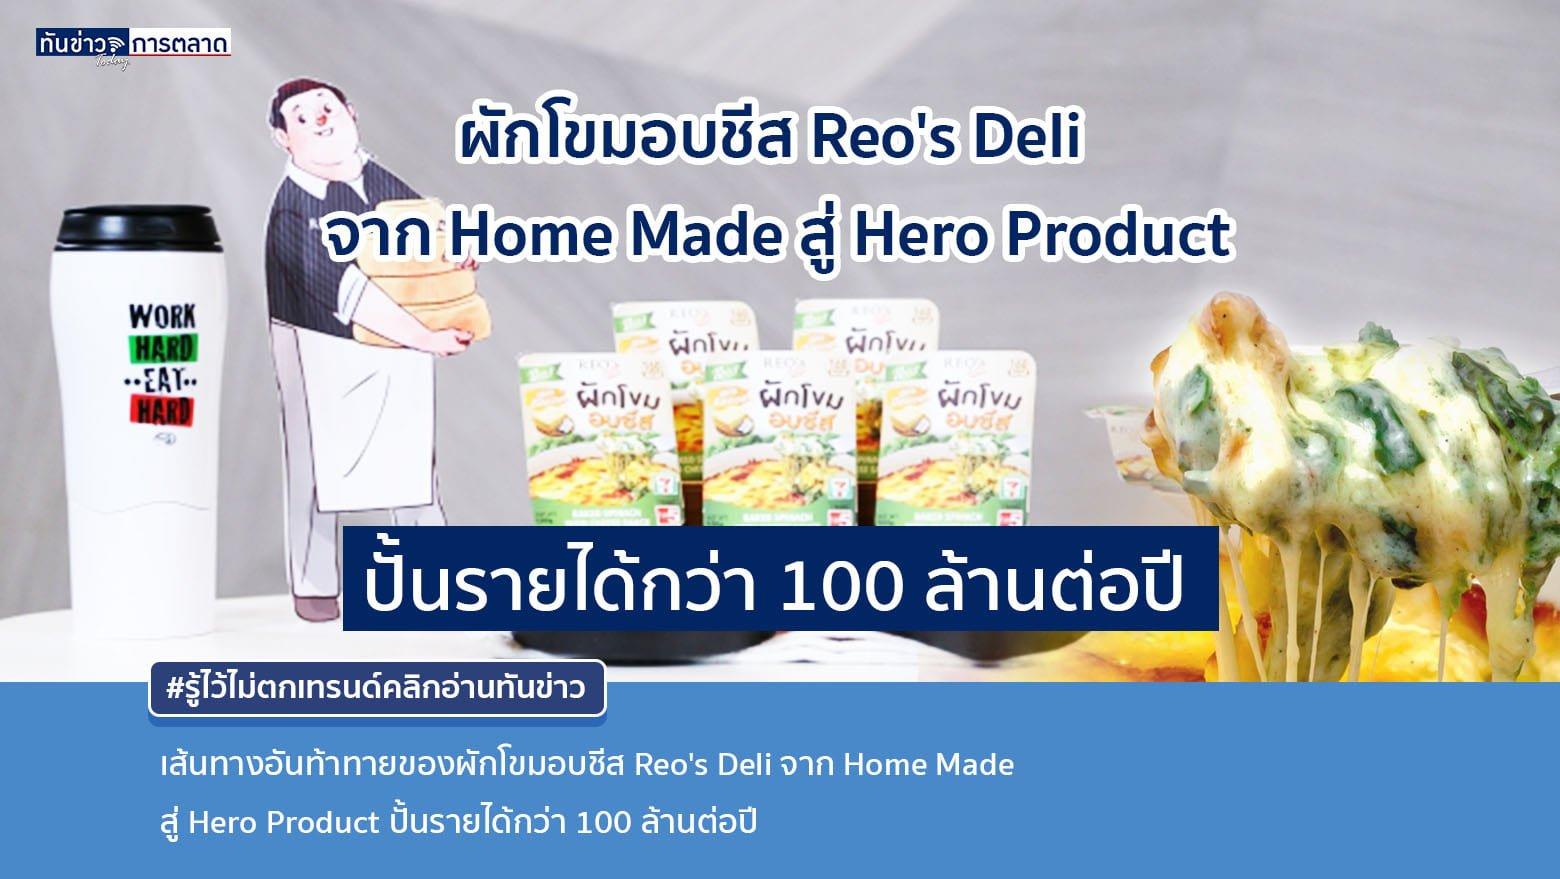 เส้นทางอันท้าทายของผักโขมอบชีส Reo's Deli  จาก Home Made สู่ Hero Product ปั้นรายได้กว่า 100 ล้านต่อปี